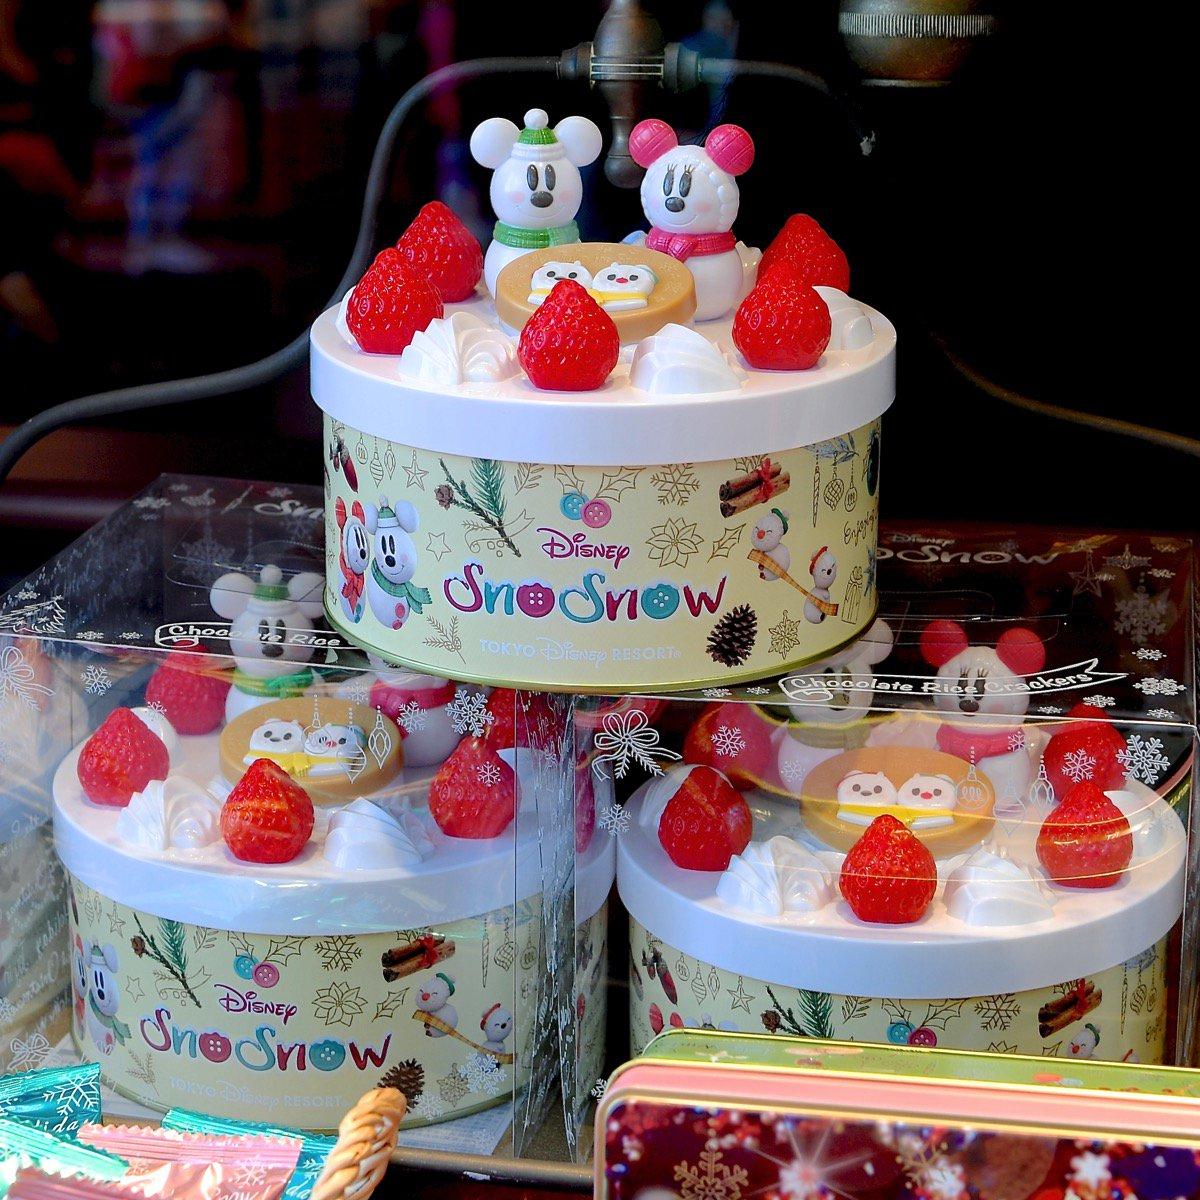 X射線【C702008】日本東京迪士尼代購-米奇SnowSnow蛋糕鐵盒巧克力餅,點心/零嘴/餅乾/糖果/韓國代購/日本糖果/零食/伴手禮/禮盒